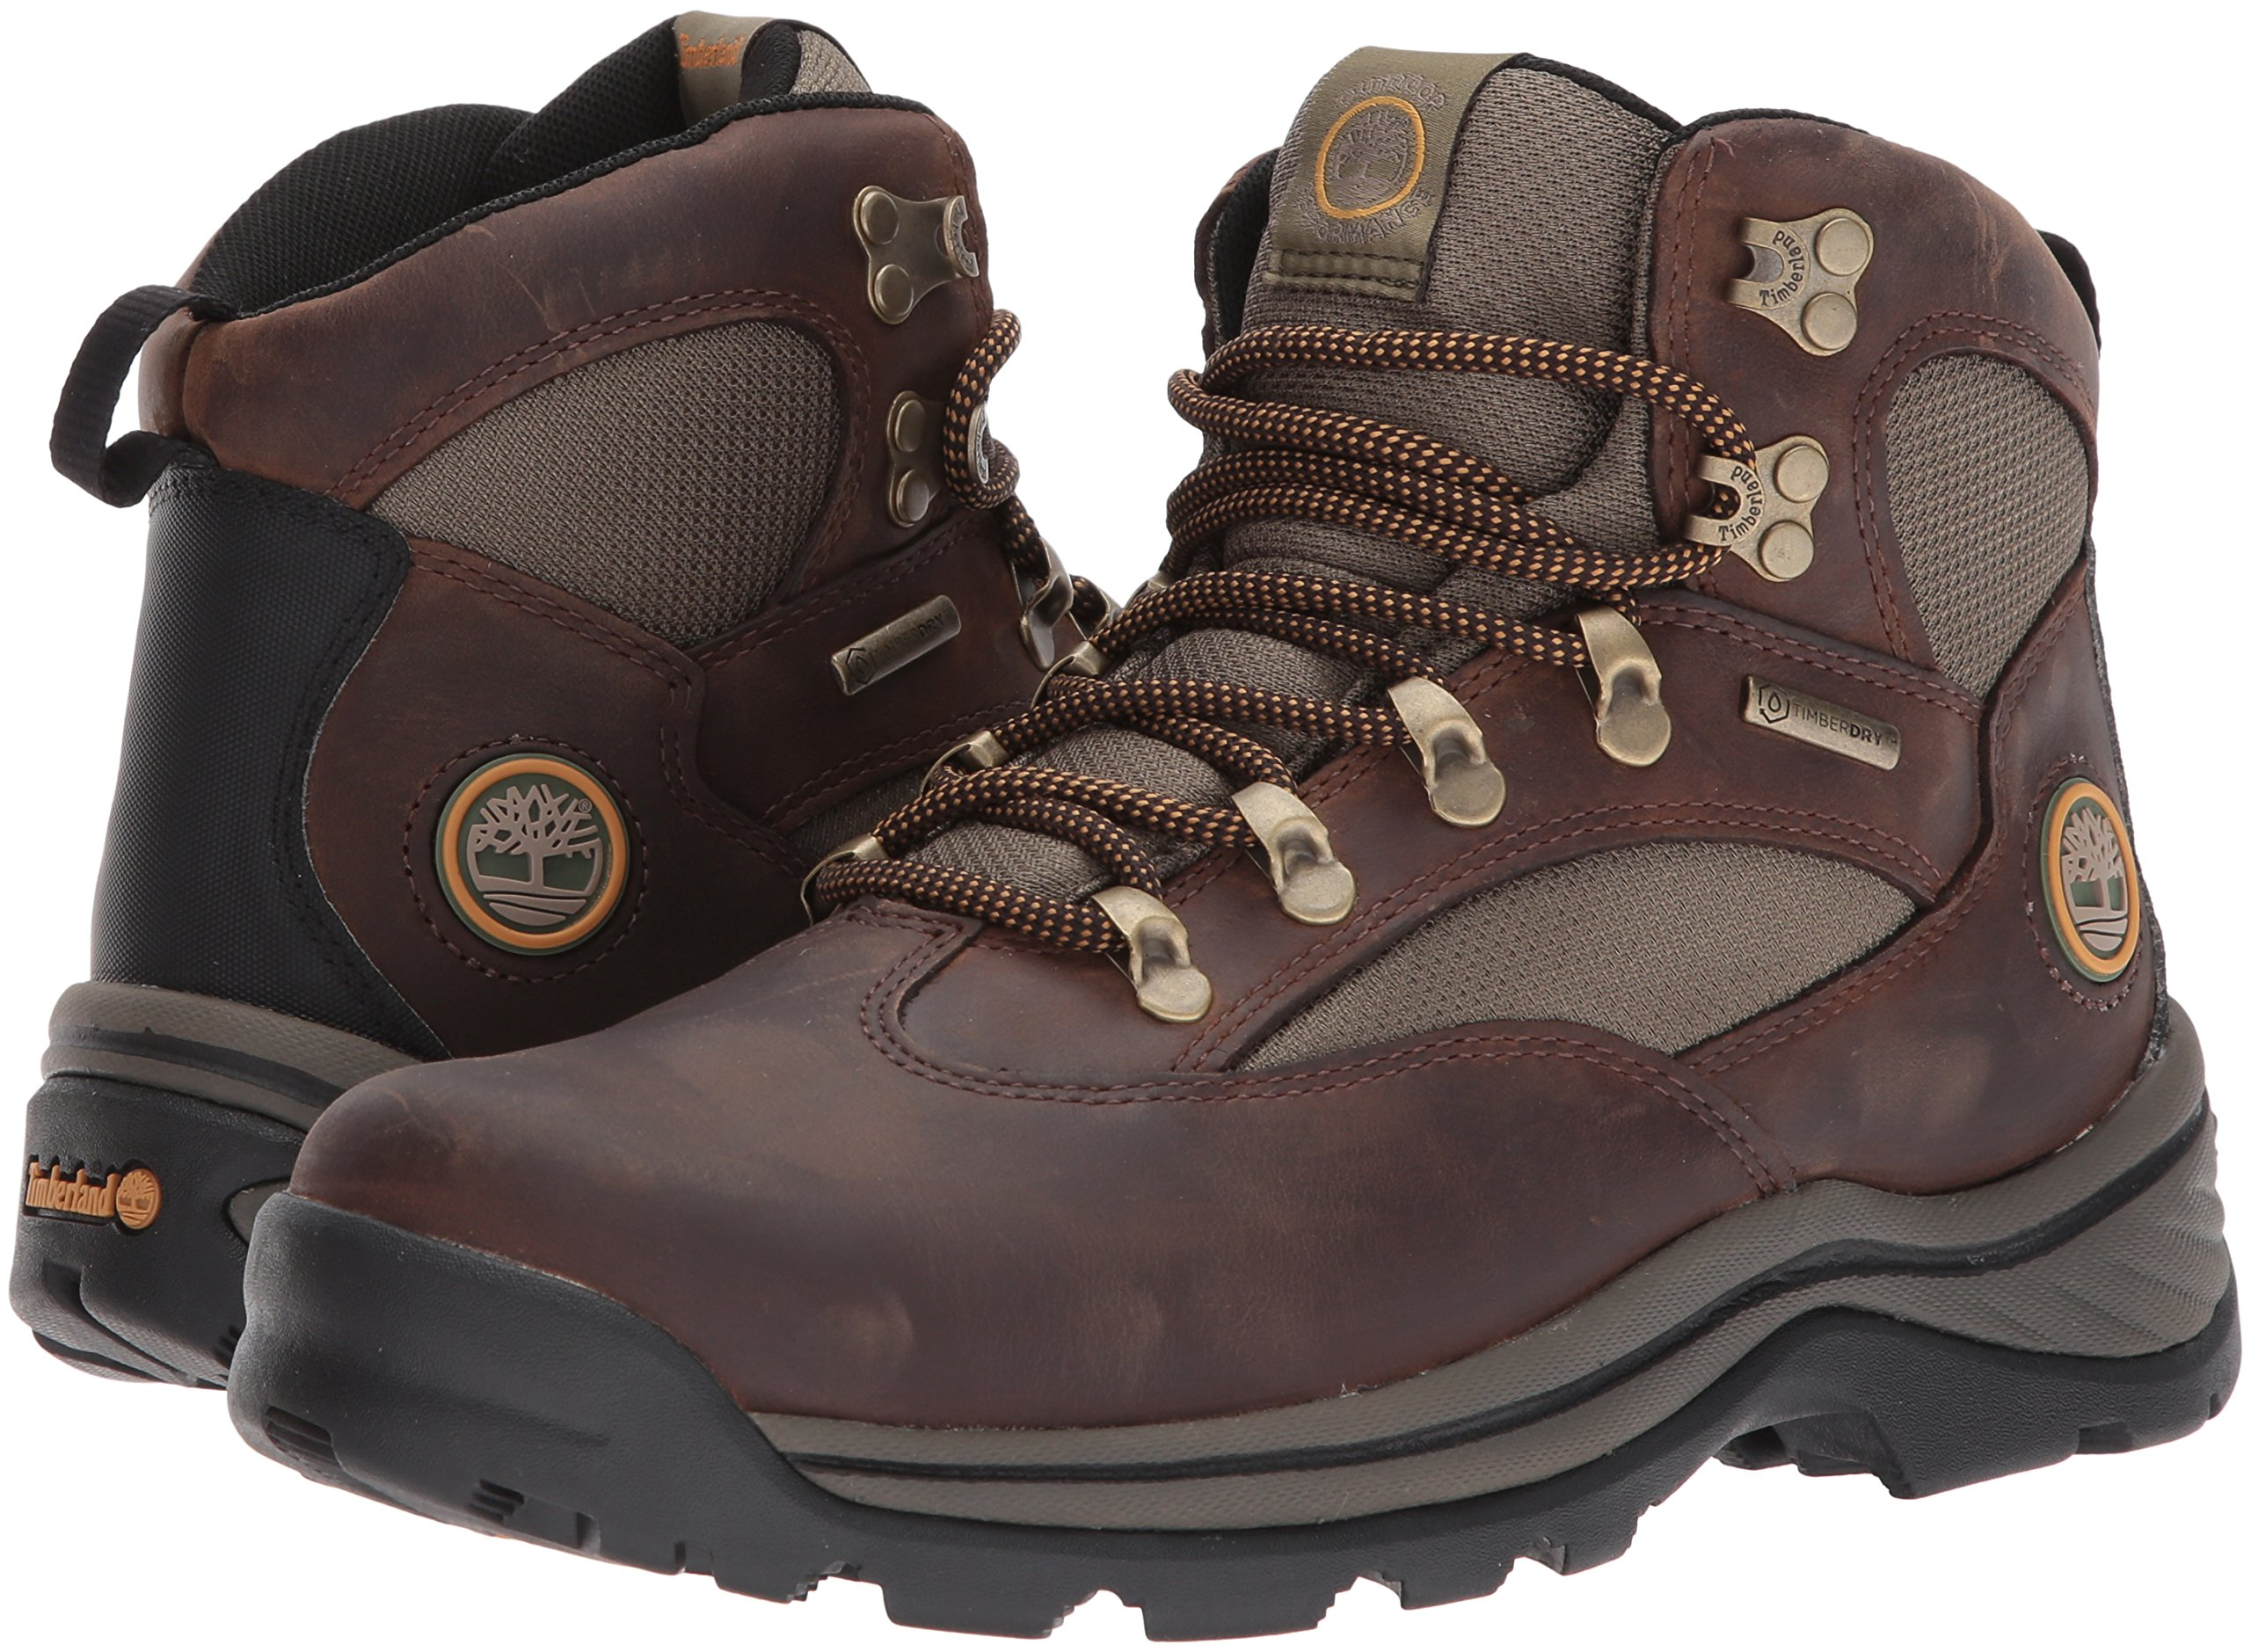 5d24db32a6b Timberland Men's Chocorua Trail Mid Hiking Boot